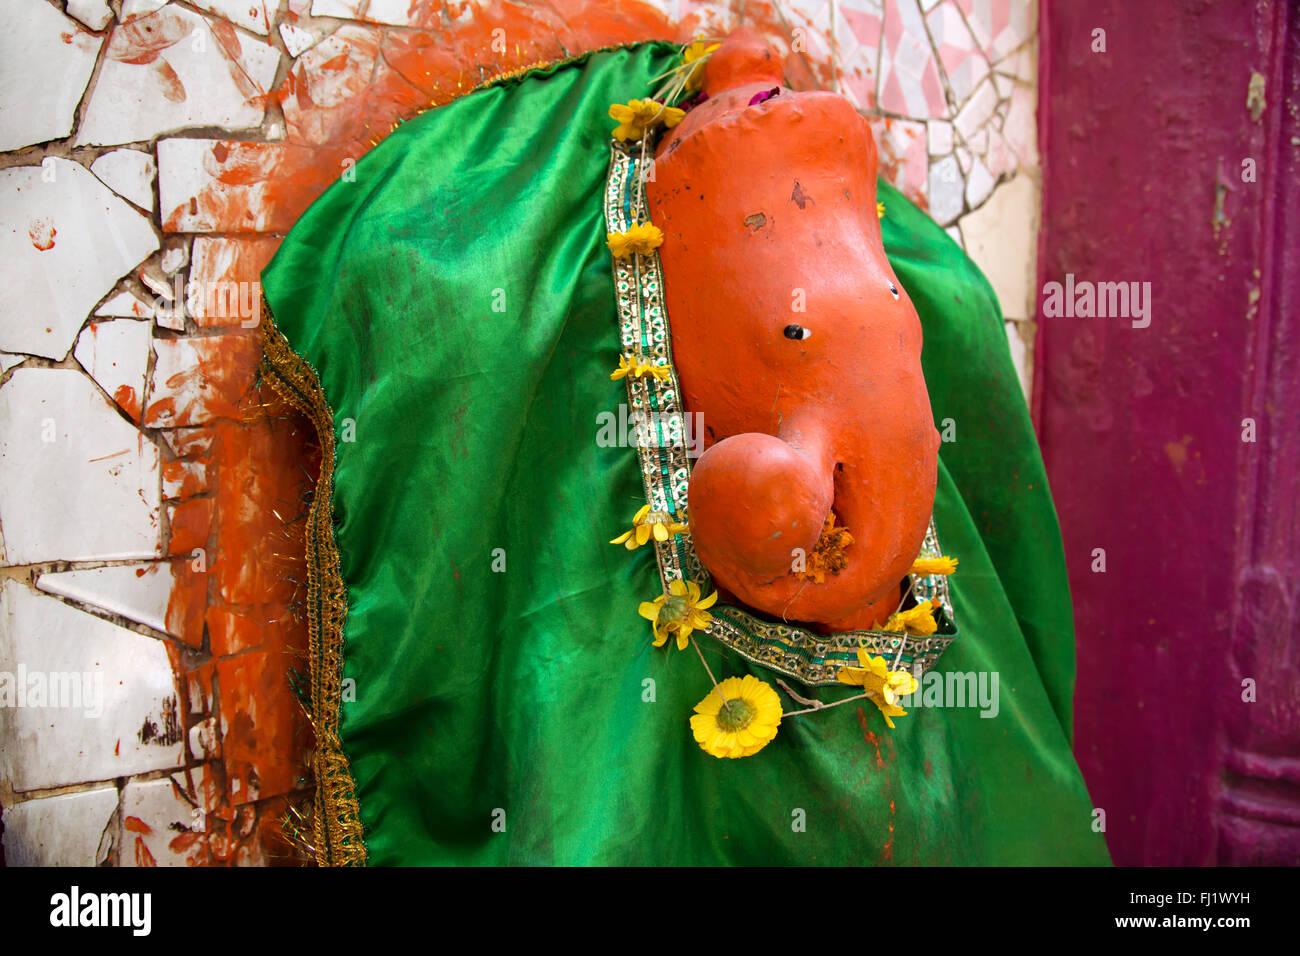 Statue de Ganesh à Varanasi, Inde - Architecture et tous les jours la vie de rue Photo Stock